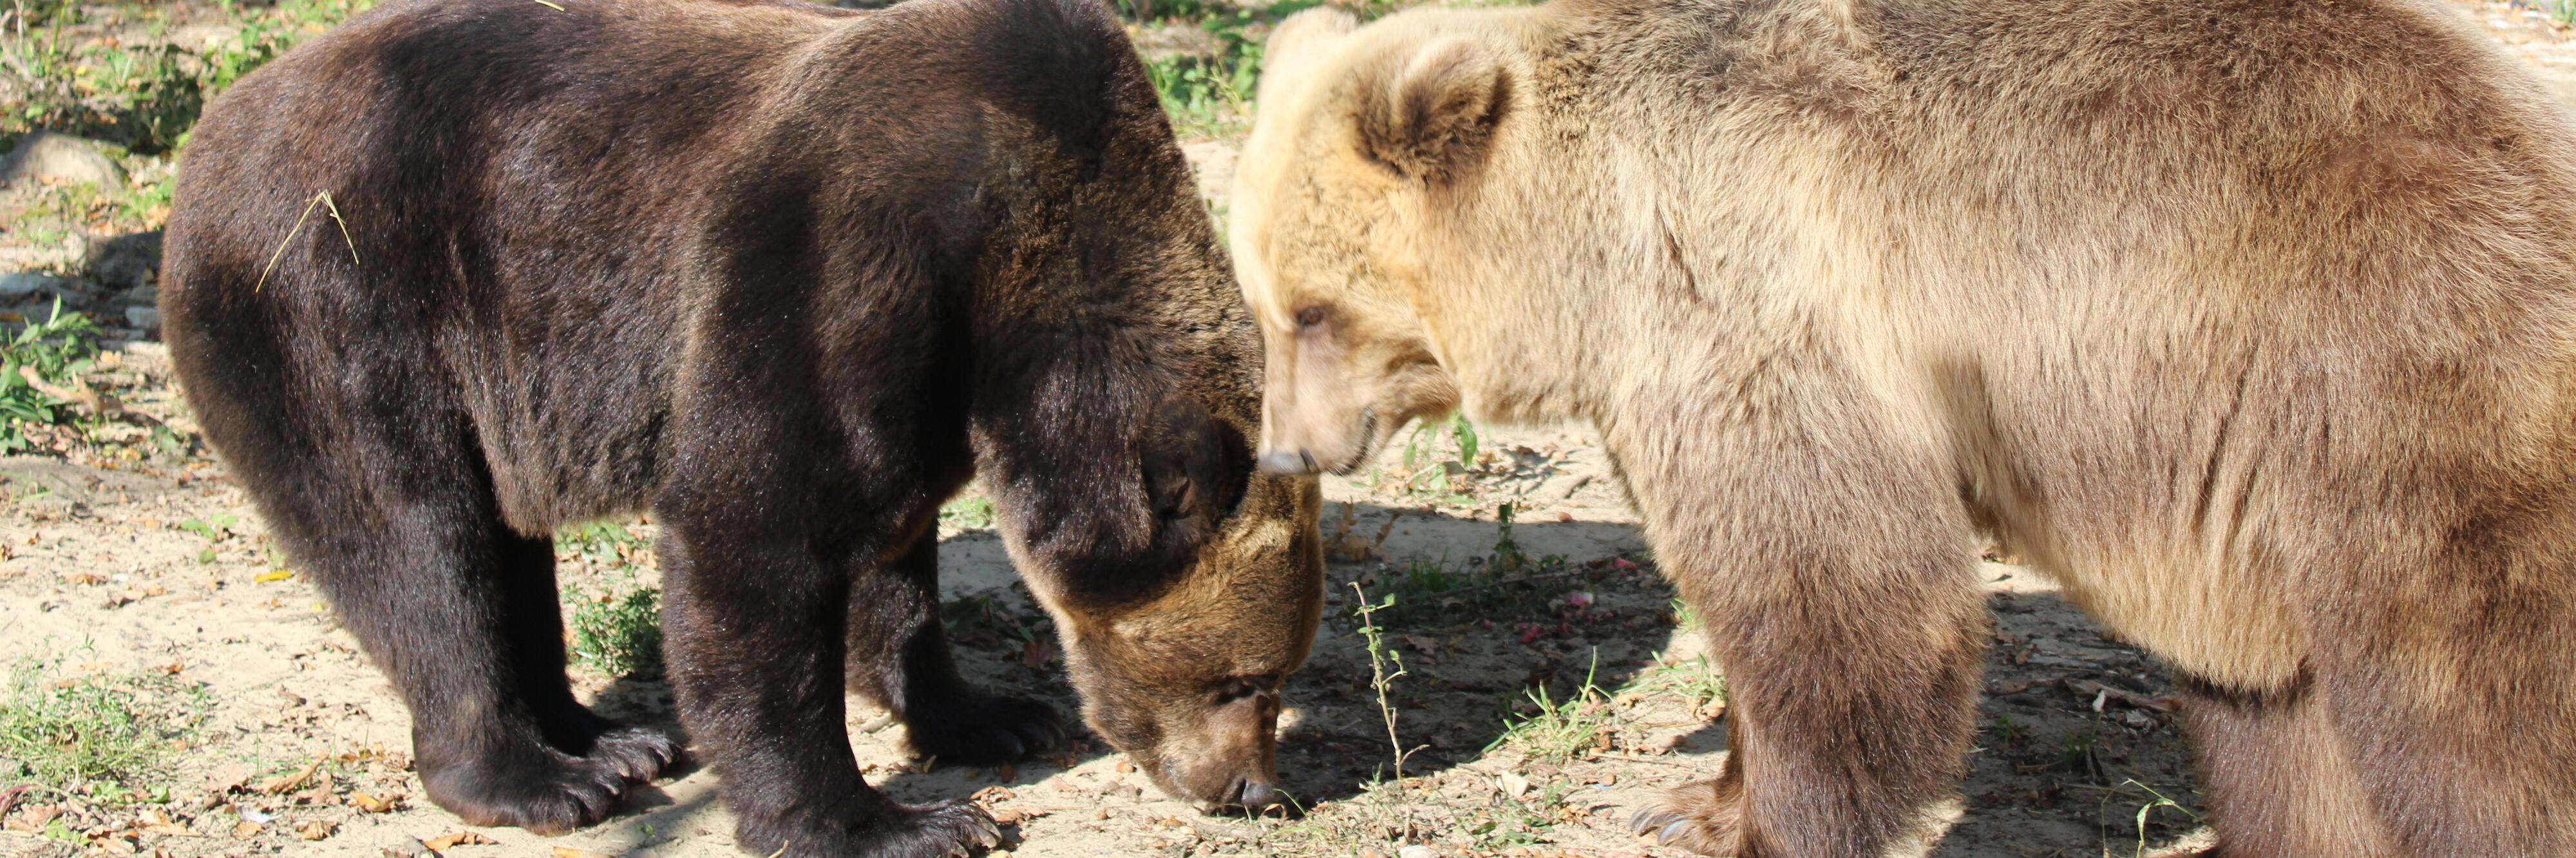 Bears Leo and Melanka